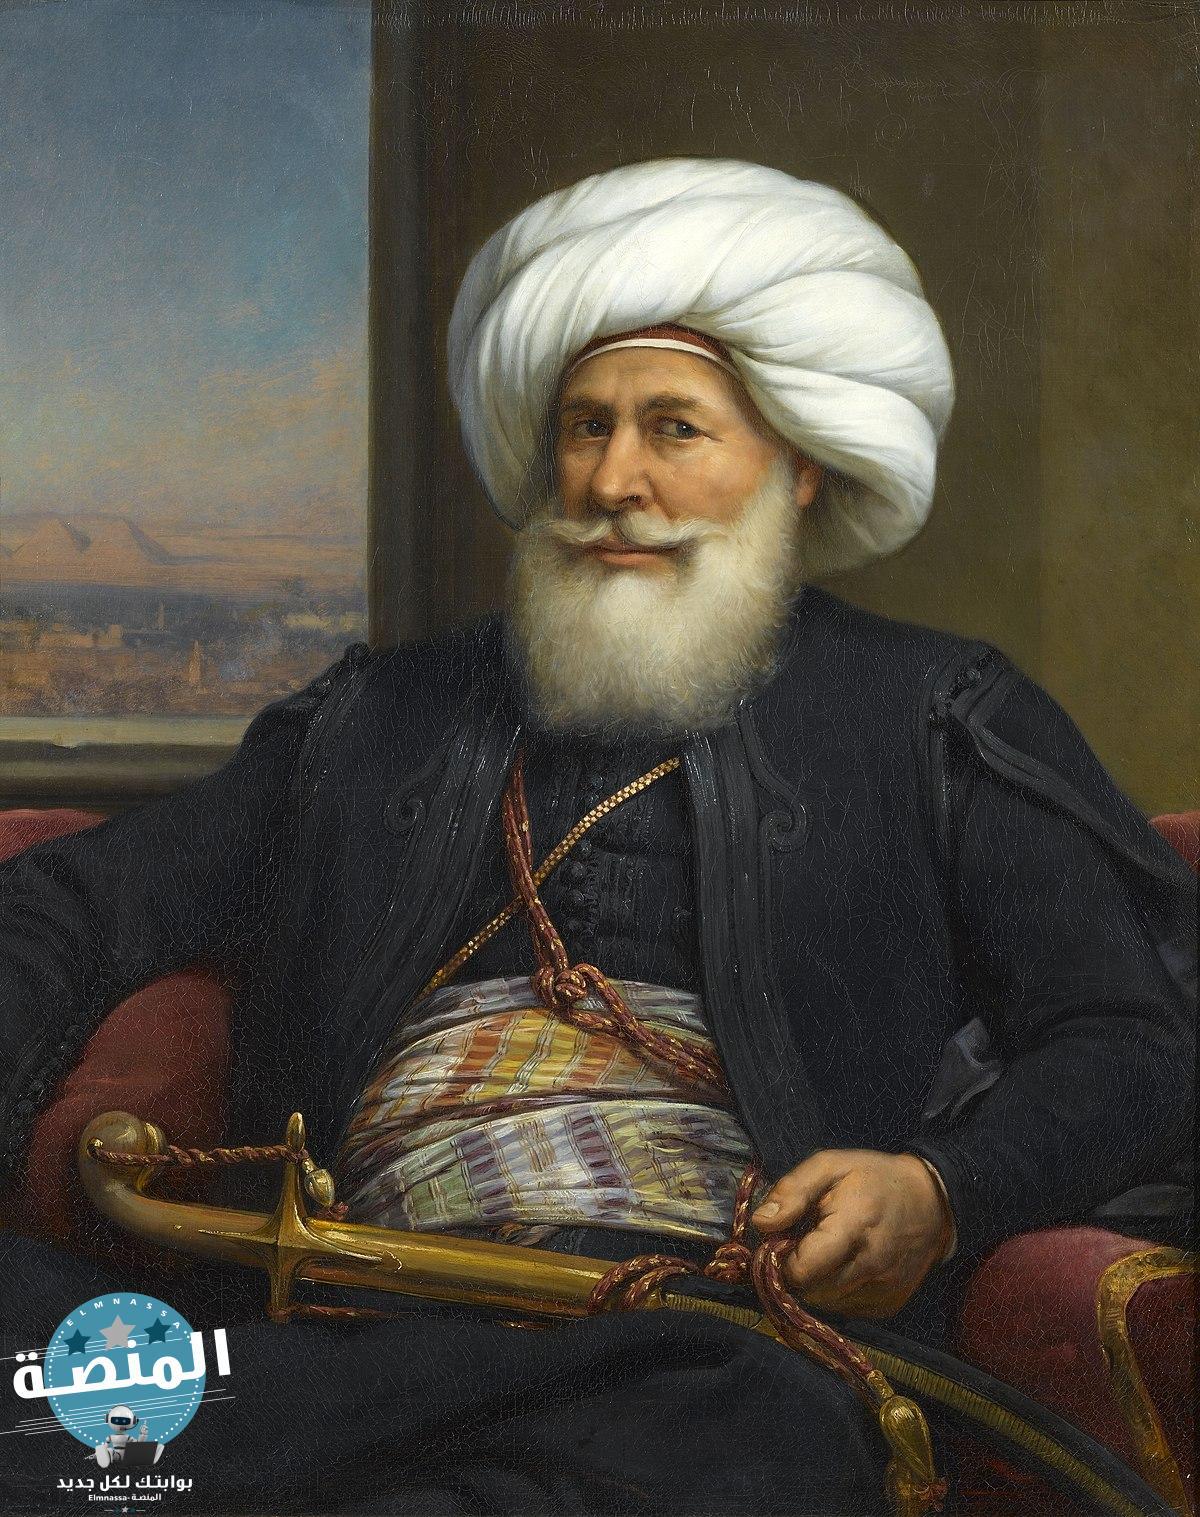 محمد علي باشا الكبير مؤسس الأسرة العلوية